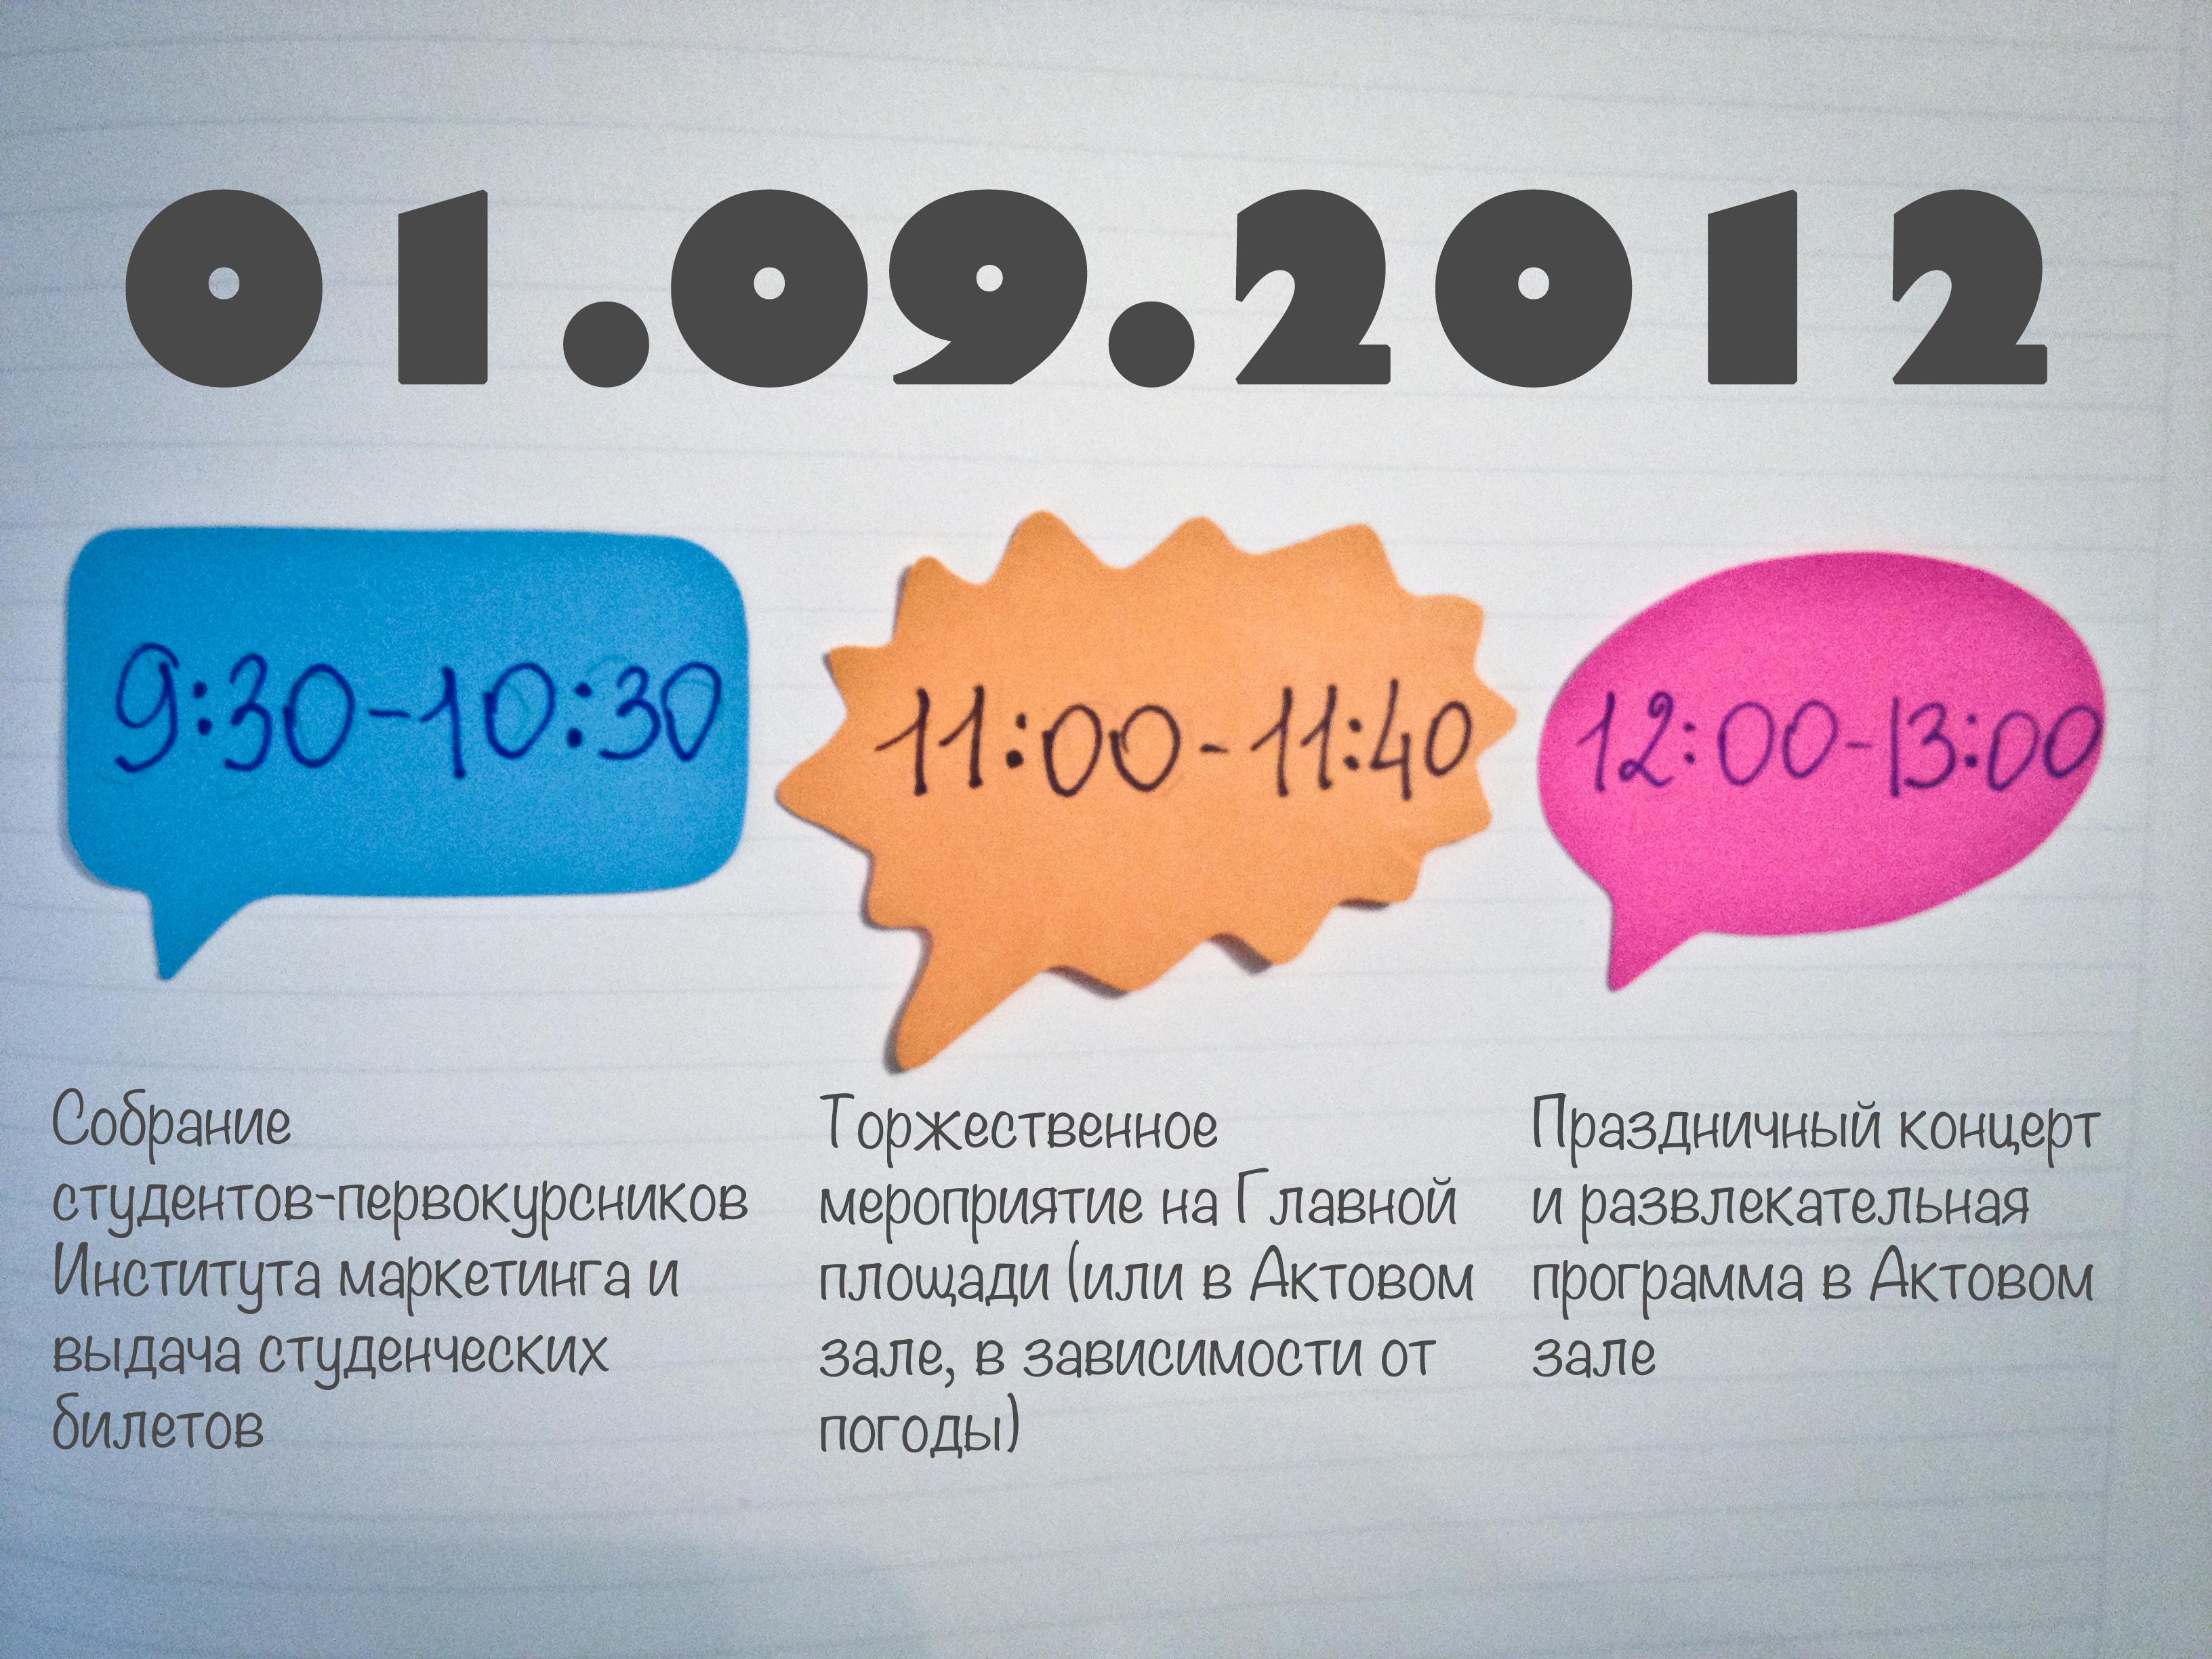 Анонс 1 сентября 2012Институт Маркетинга ГУУ | Институт Маркетинга ГУУ